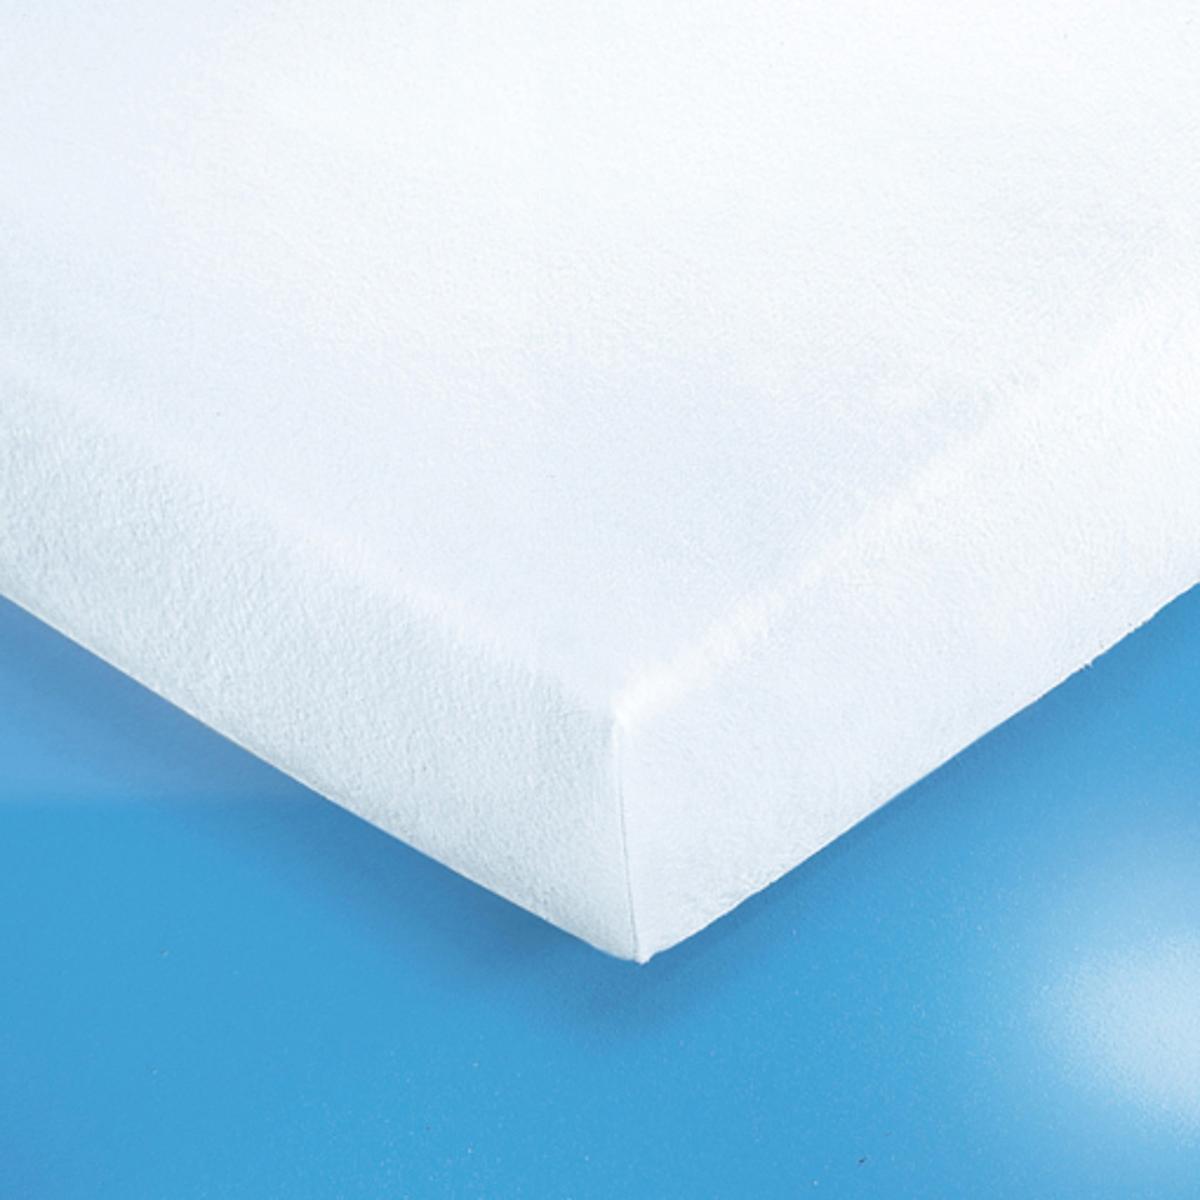 Чехол защитный для матраса натяжной из эластичной махровой тканиПрочный и нежный на ощупь защитный чехол из мягкой махровой ткани с завитым ворсом80% хлопка, 20% полиэстера, 170г/м?. Эластичный чехол легко надевается на матрас (высота 10-18 см).4 уголка (высота 21 см).Стирка при температуре до 60°.<br><br>Цвет: белый